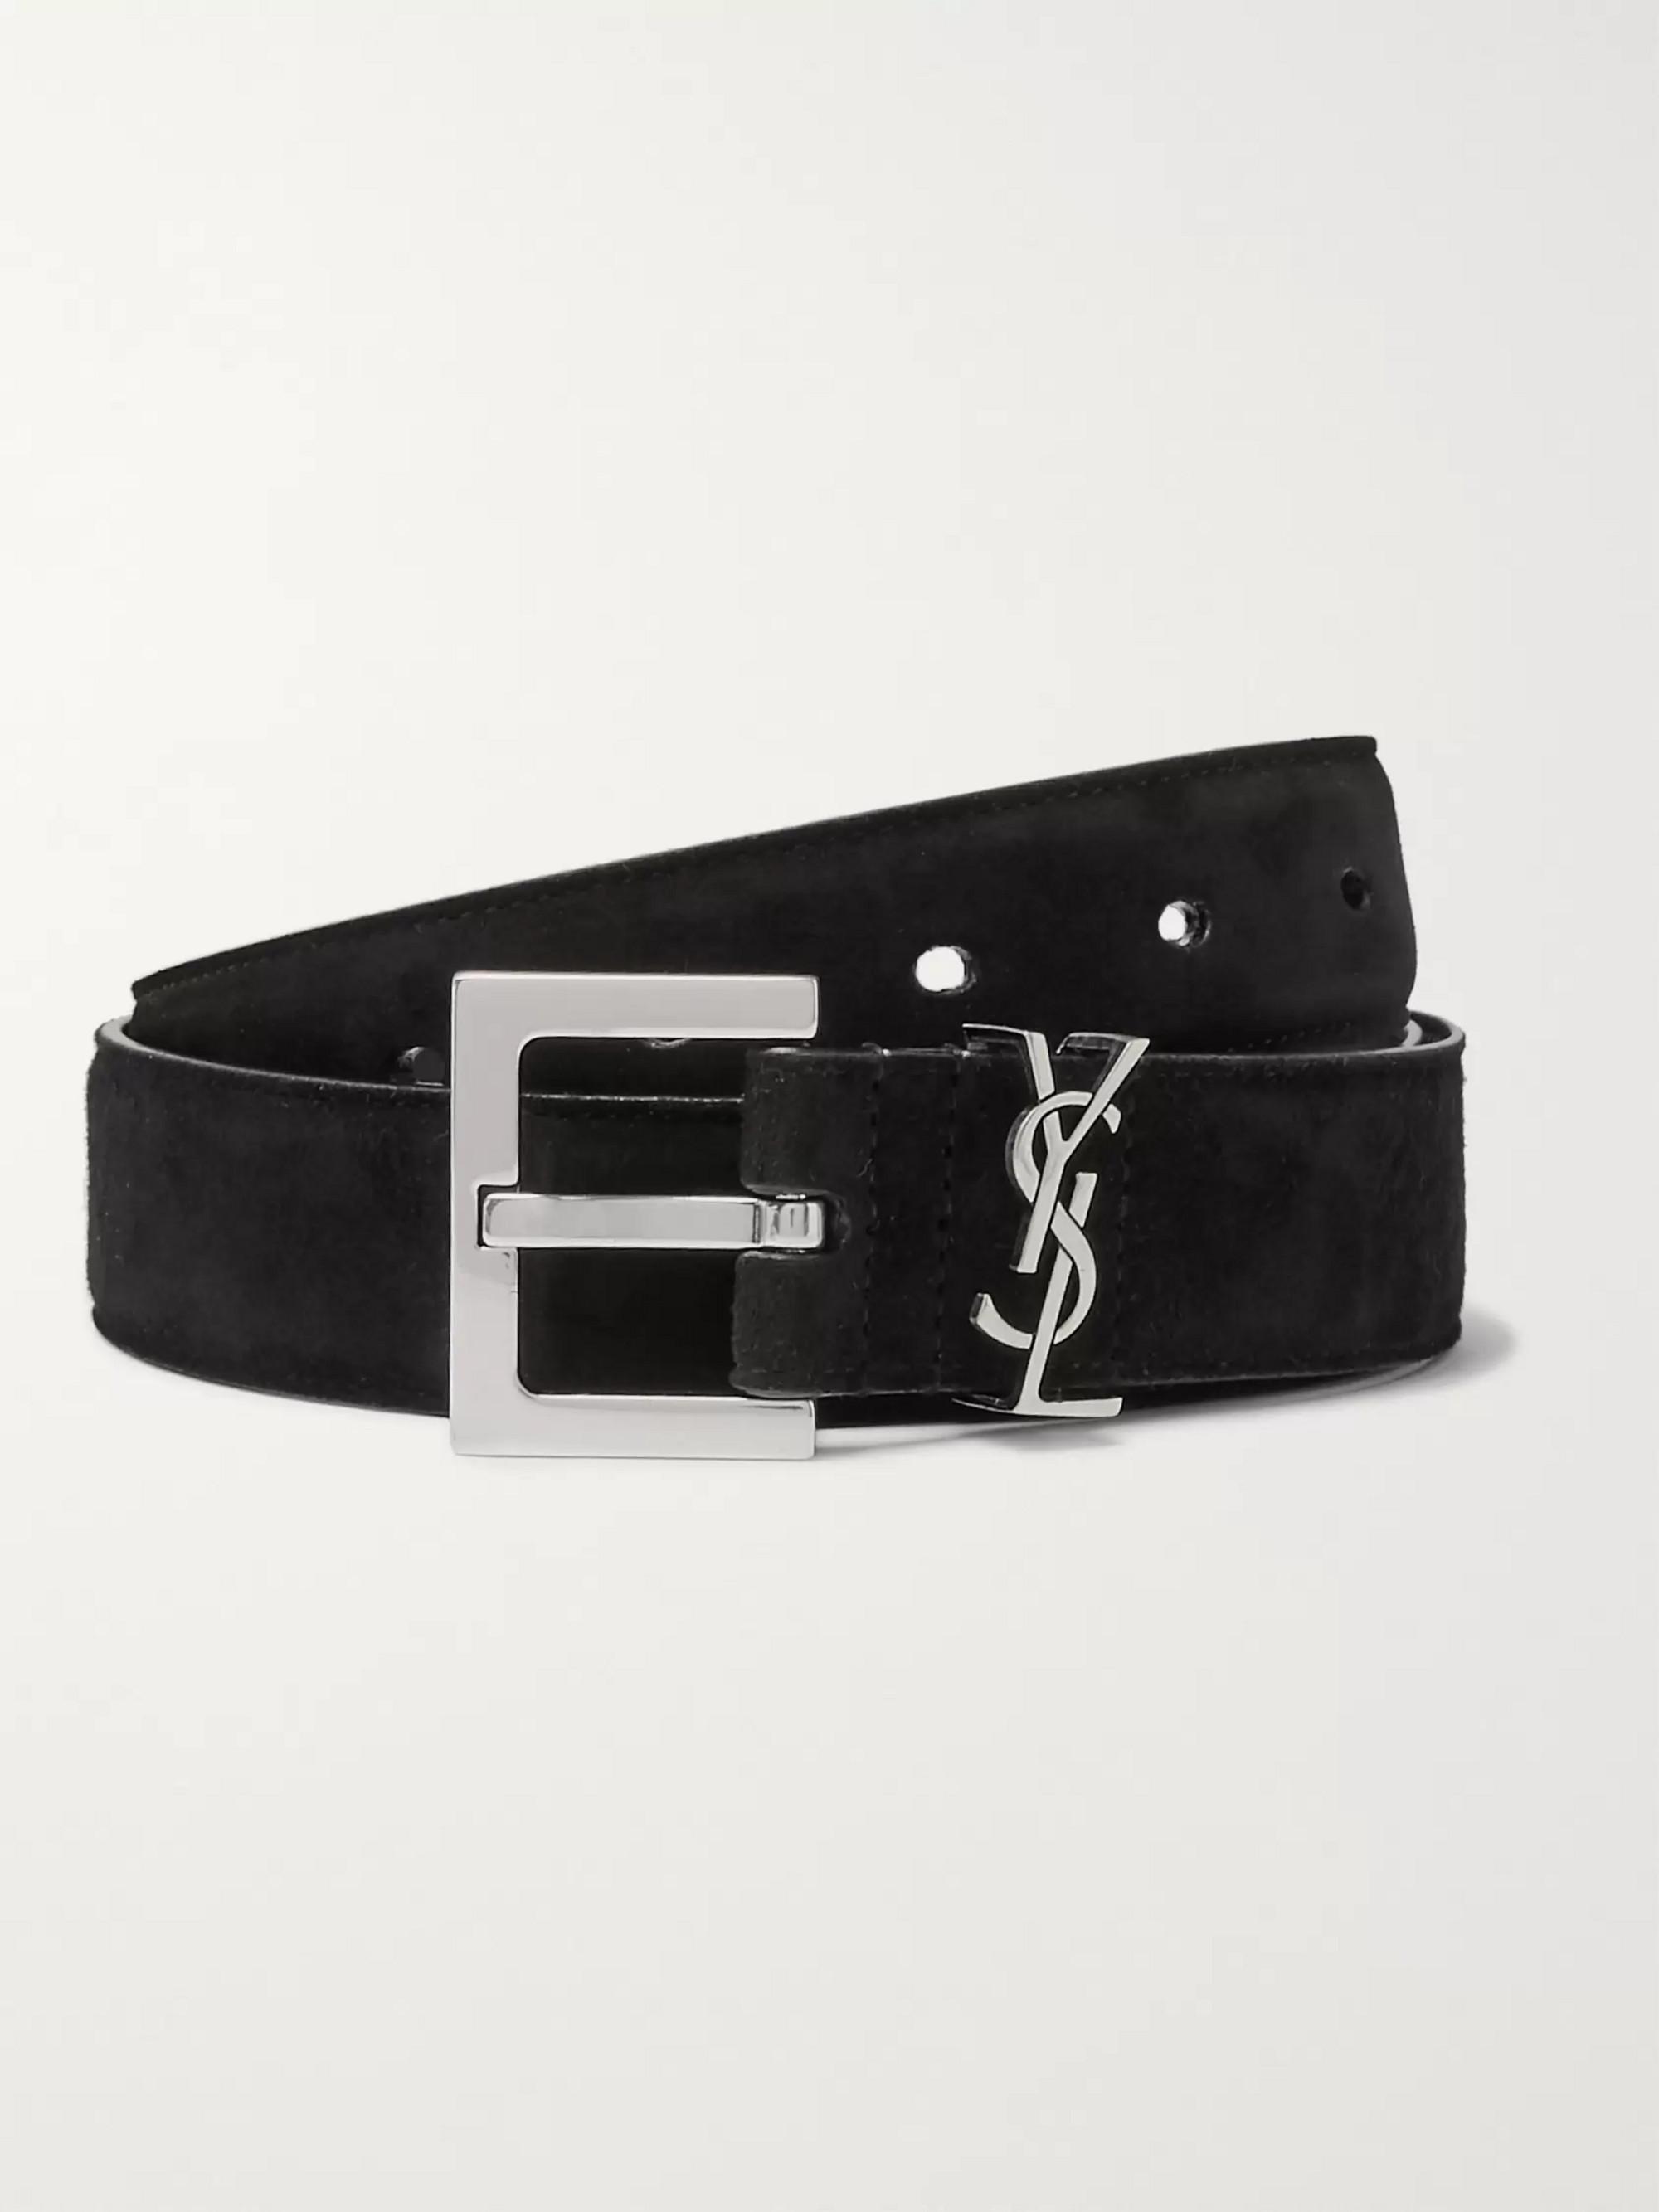 1a743804a5b Leather Belts for Men | Designer Accessories | MR PORTER